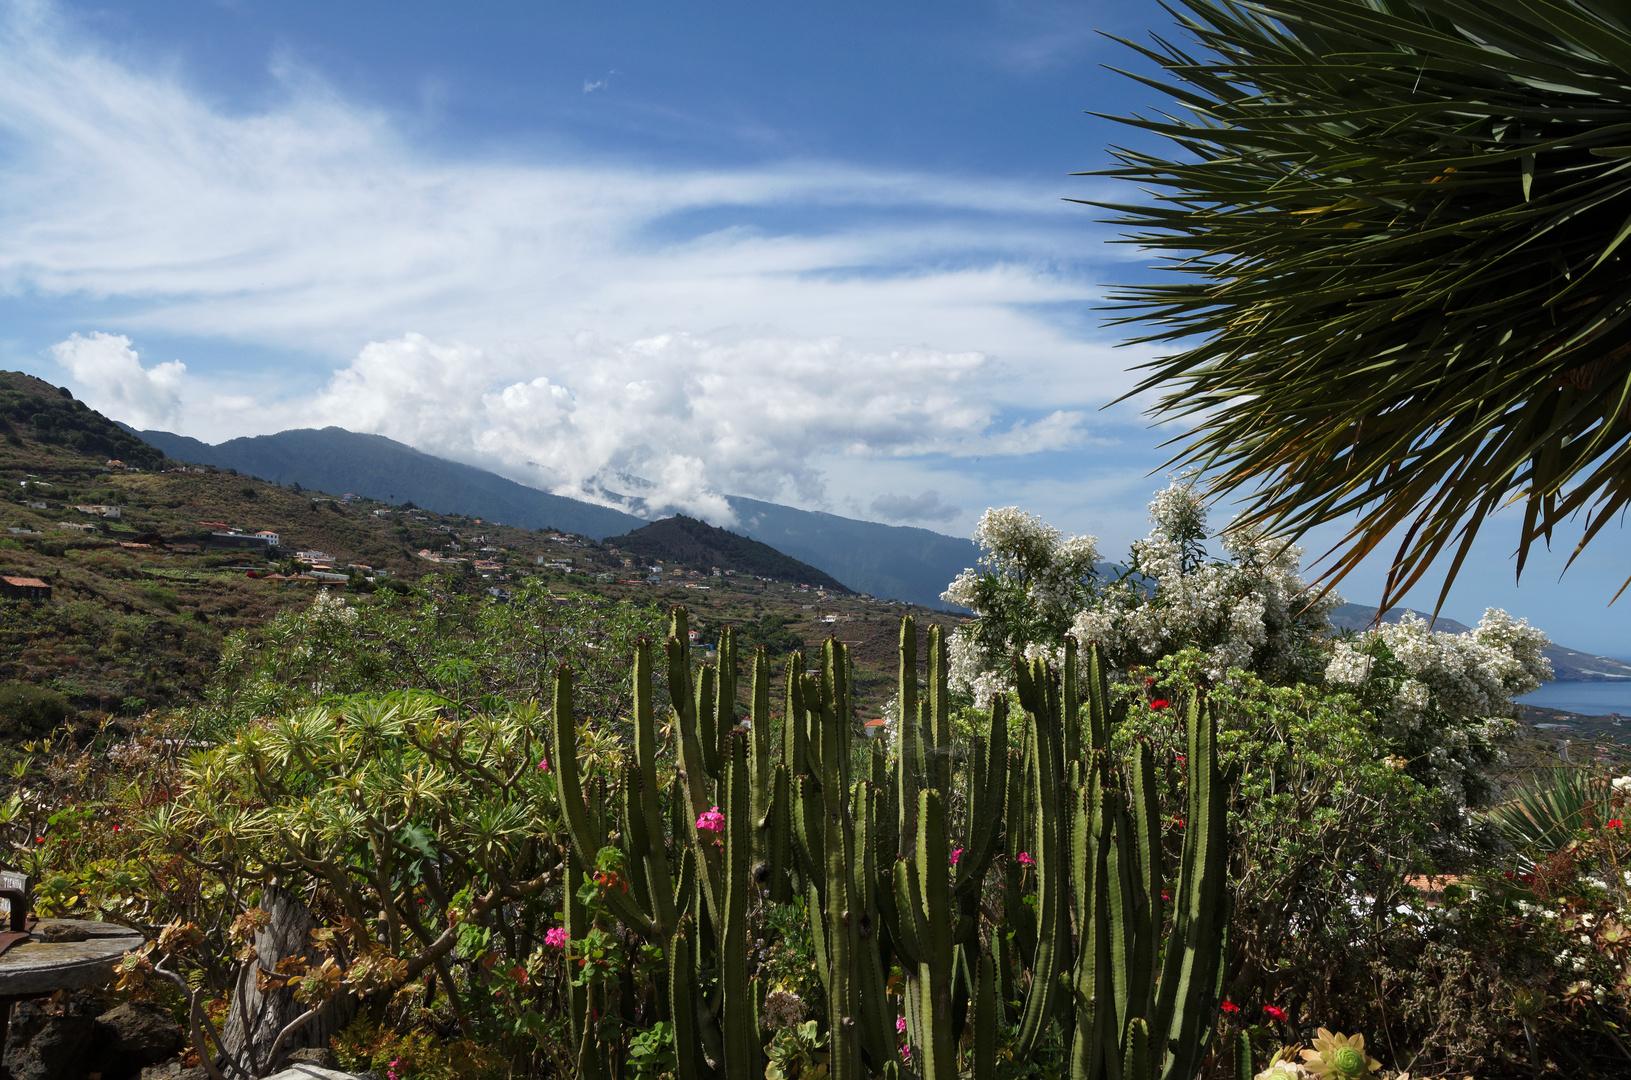 Im Garten von Ceramica El Molino, Mazo, La Palma, Mai 2012